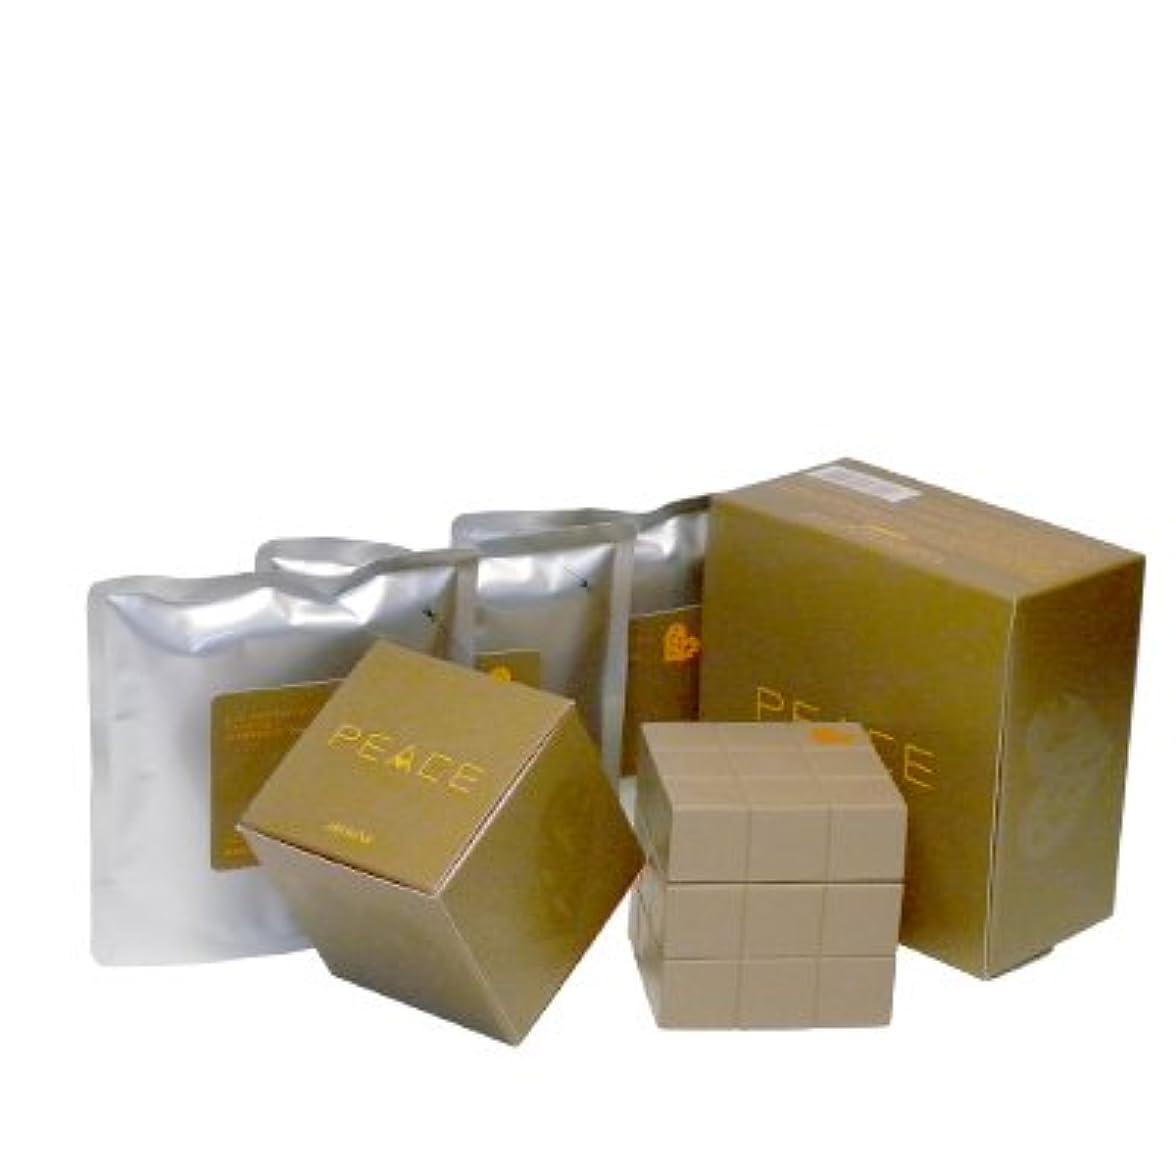 年金巧みな敷居アリミノ ピース プロデザインシリーズ ソフトワックス カフェオレ80g+詰め替え80g×3